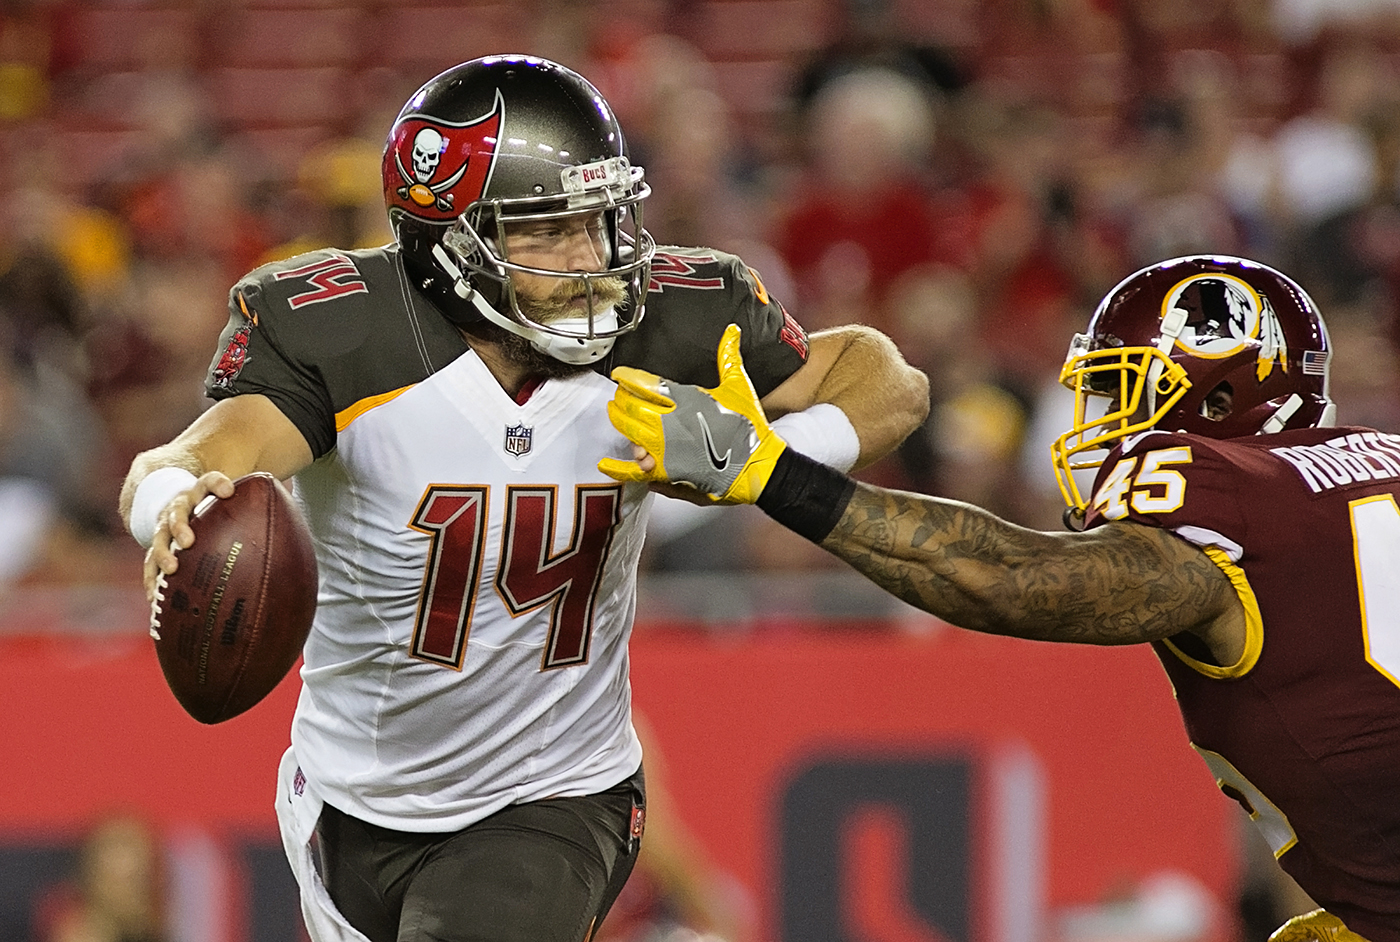 Fitzpatrick avoids a sack against Redskins./CARMEN MANDATO